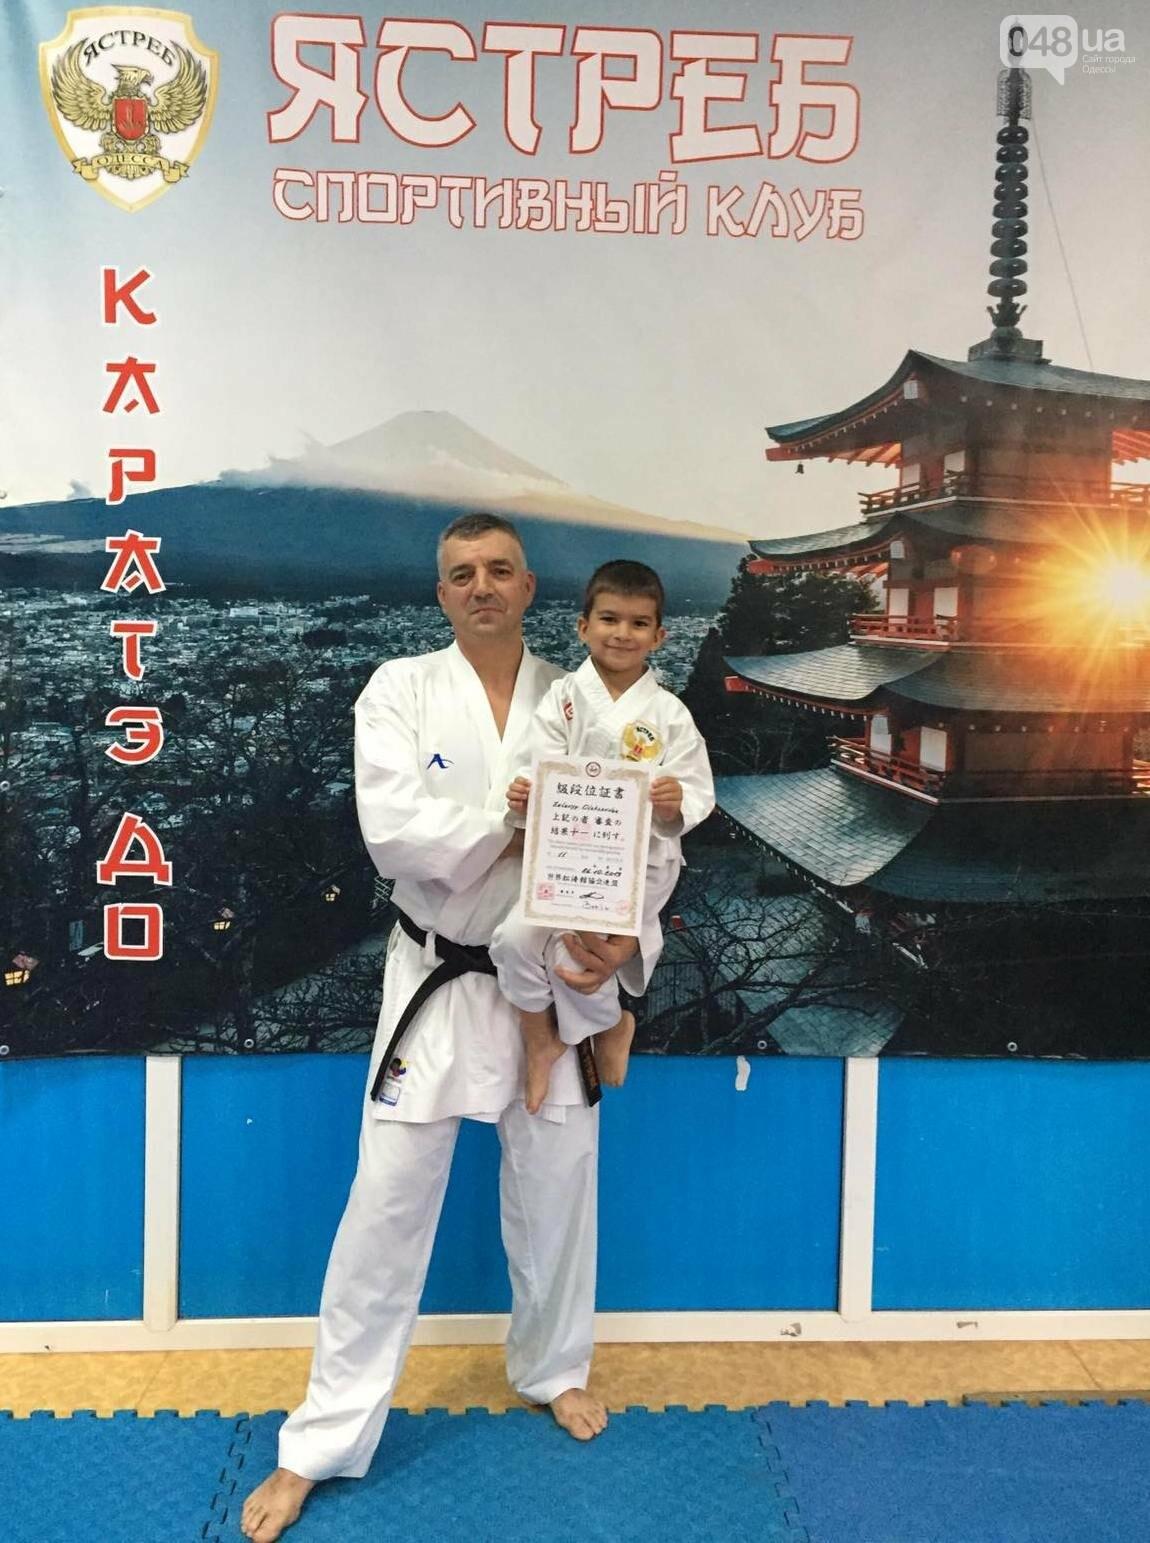 Школы боевых искусств в Одессе: спортивные клубы,секции., фото-7